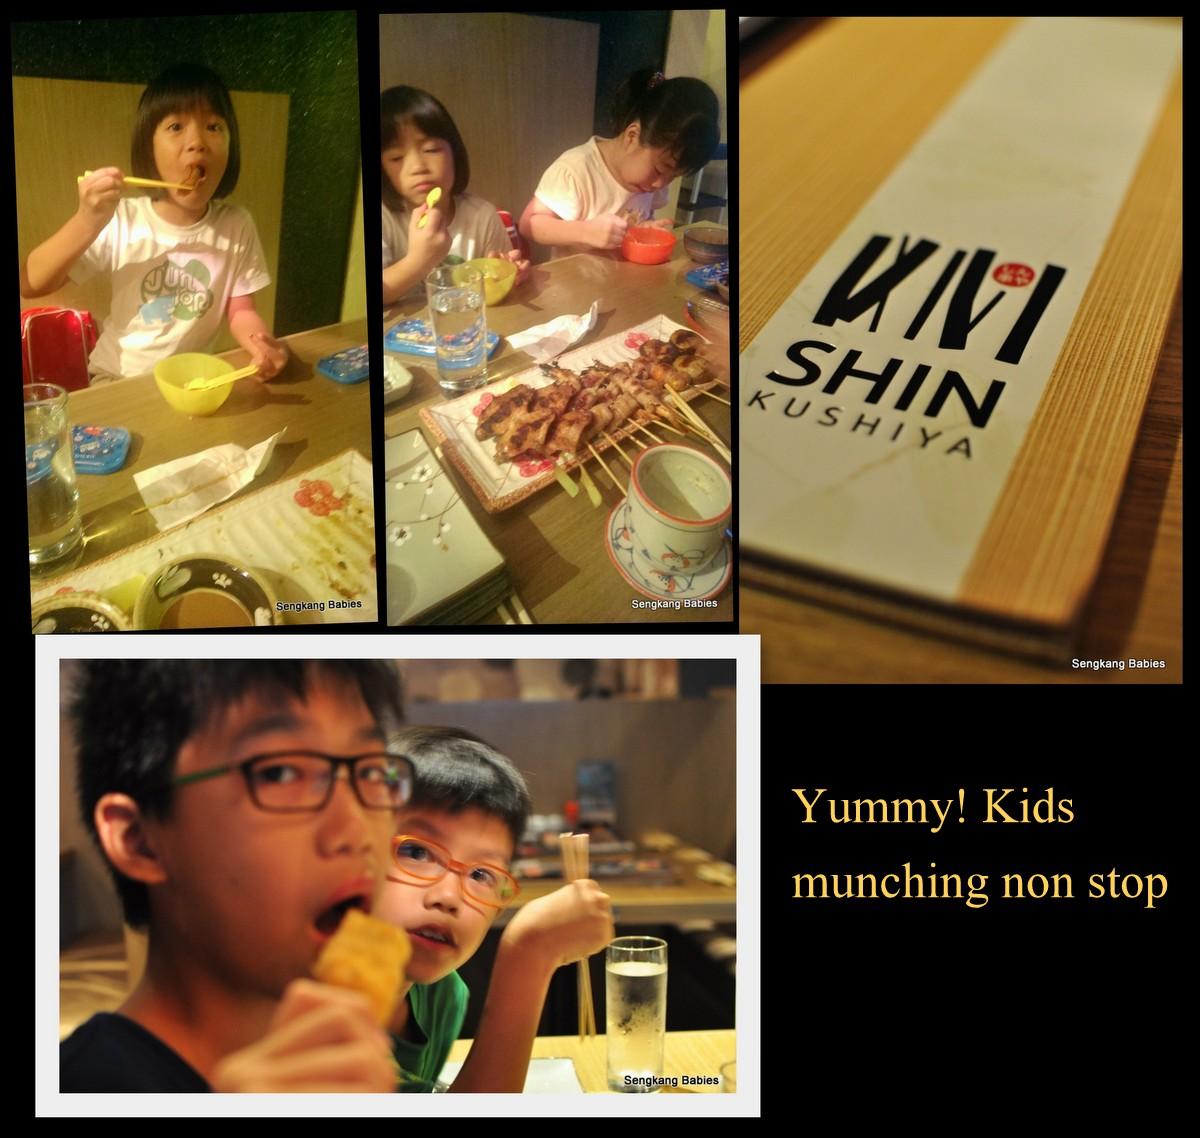 Kin Shiuniya5